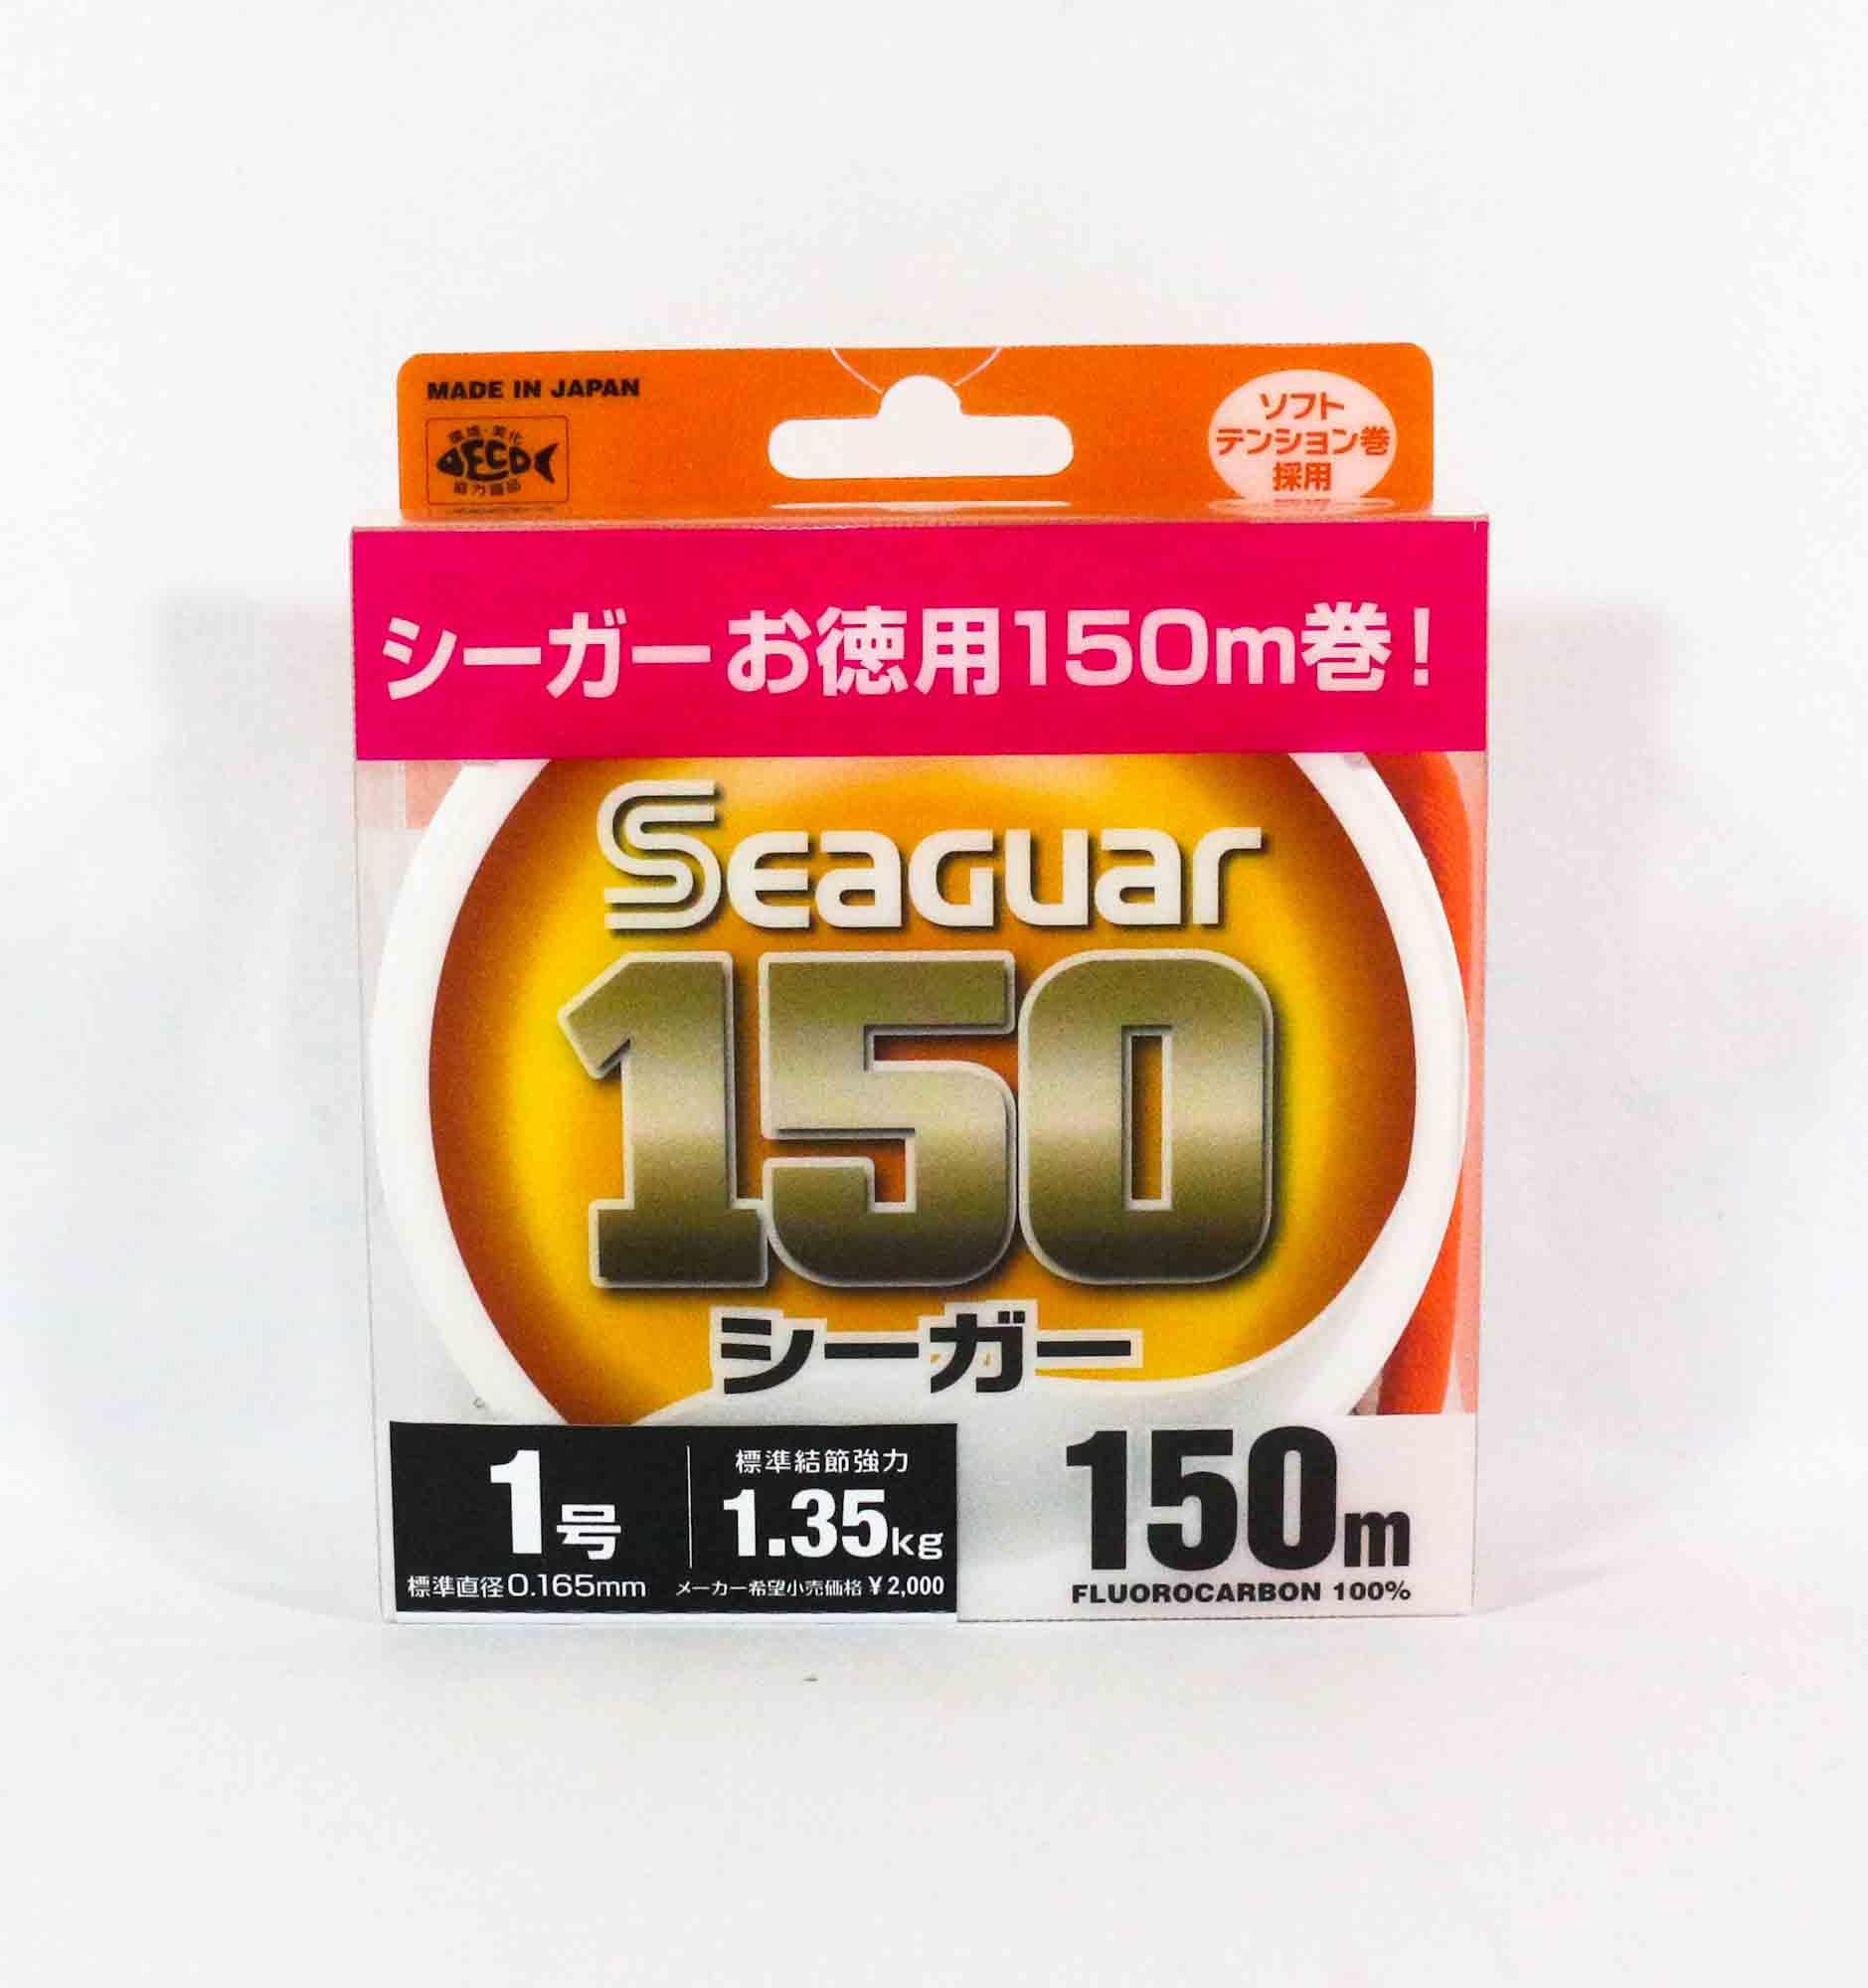 Seaguar 150 150m Fluorocarbon Line 150m Size 1 4lb (0751)